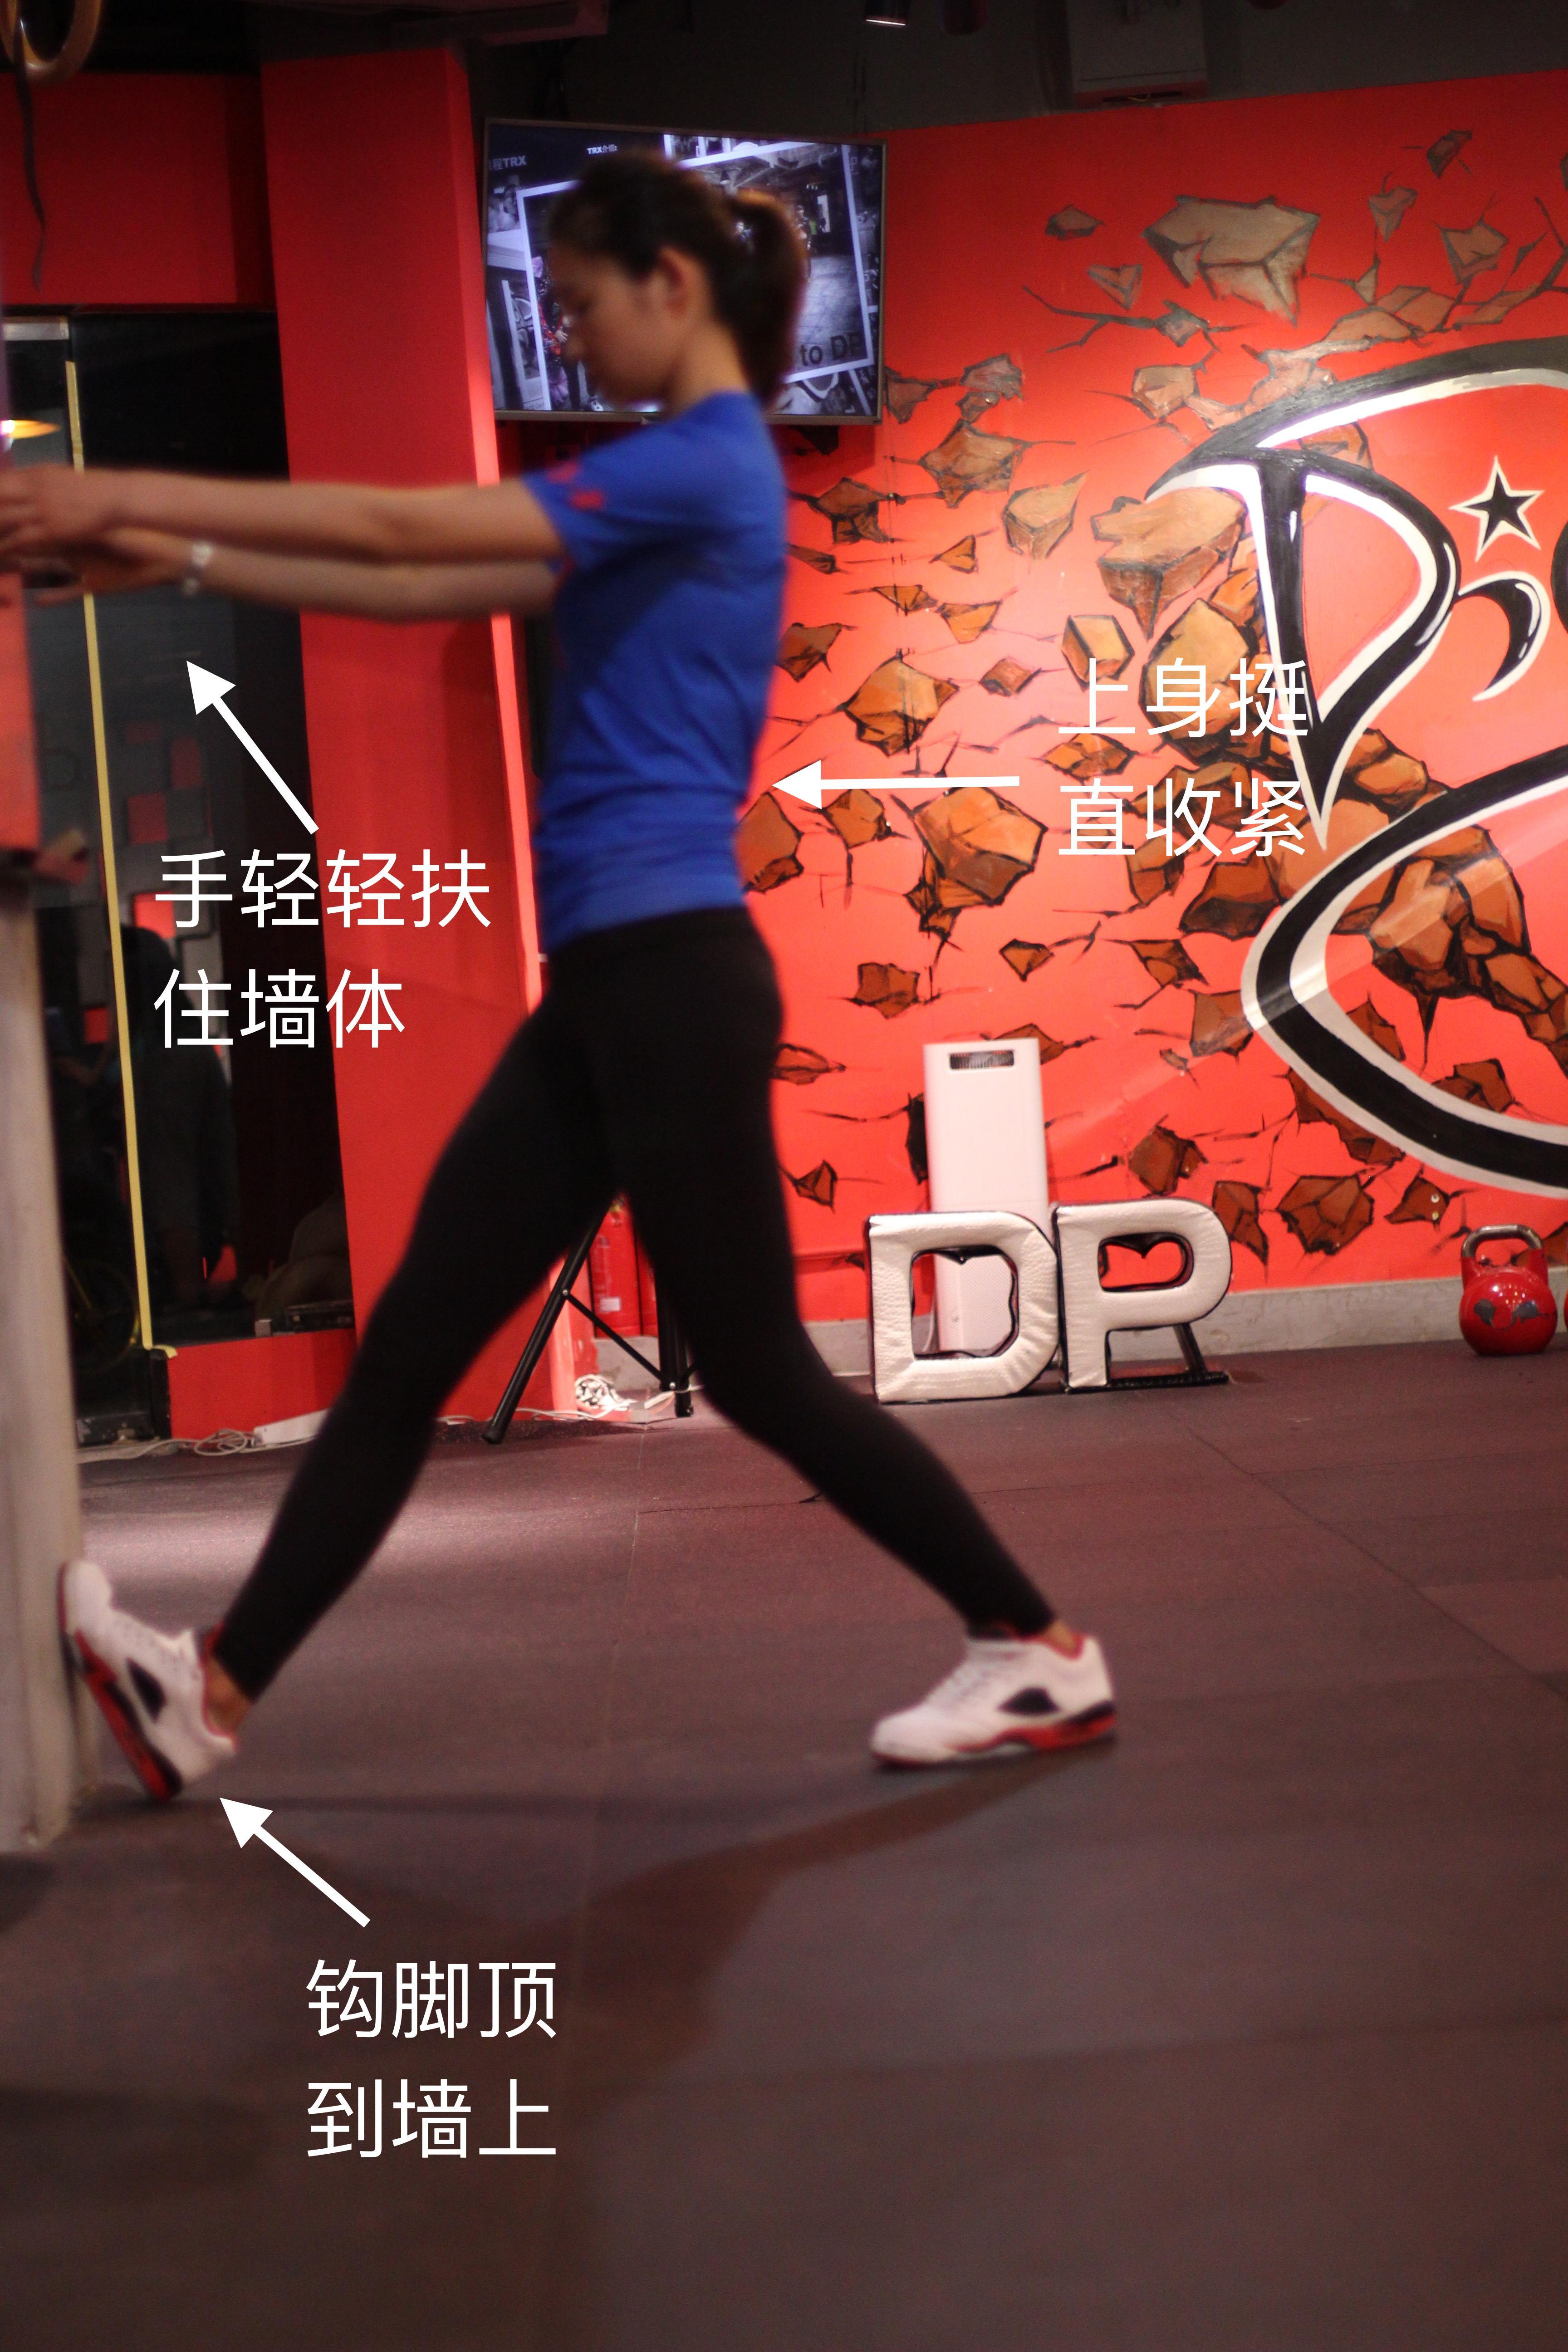 拉伸小腿的动作_大腿前侧的肌肉过于发达怎么办? - 知乎